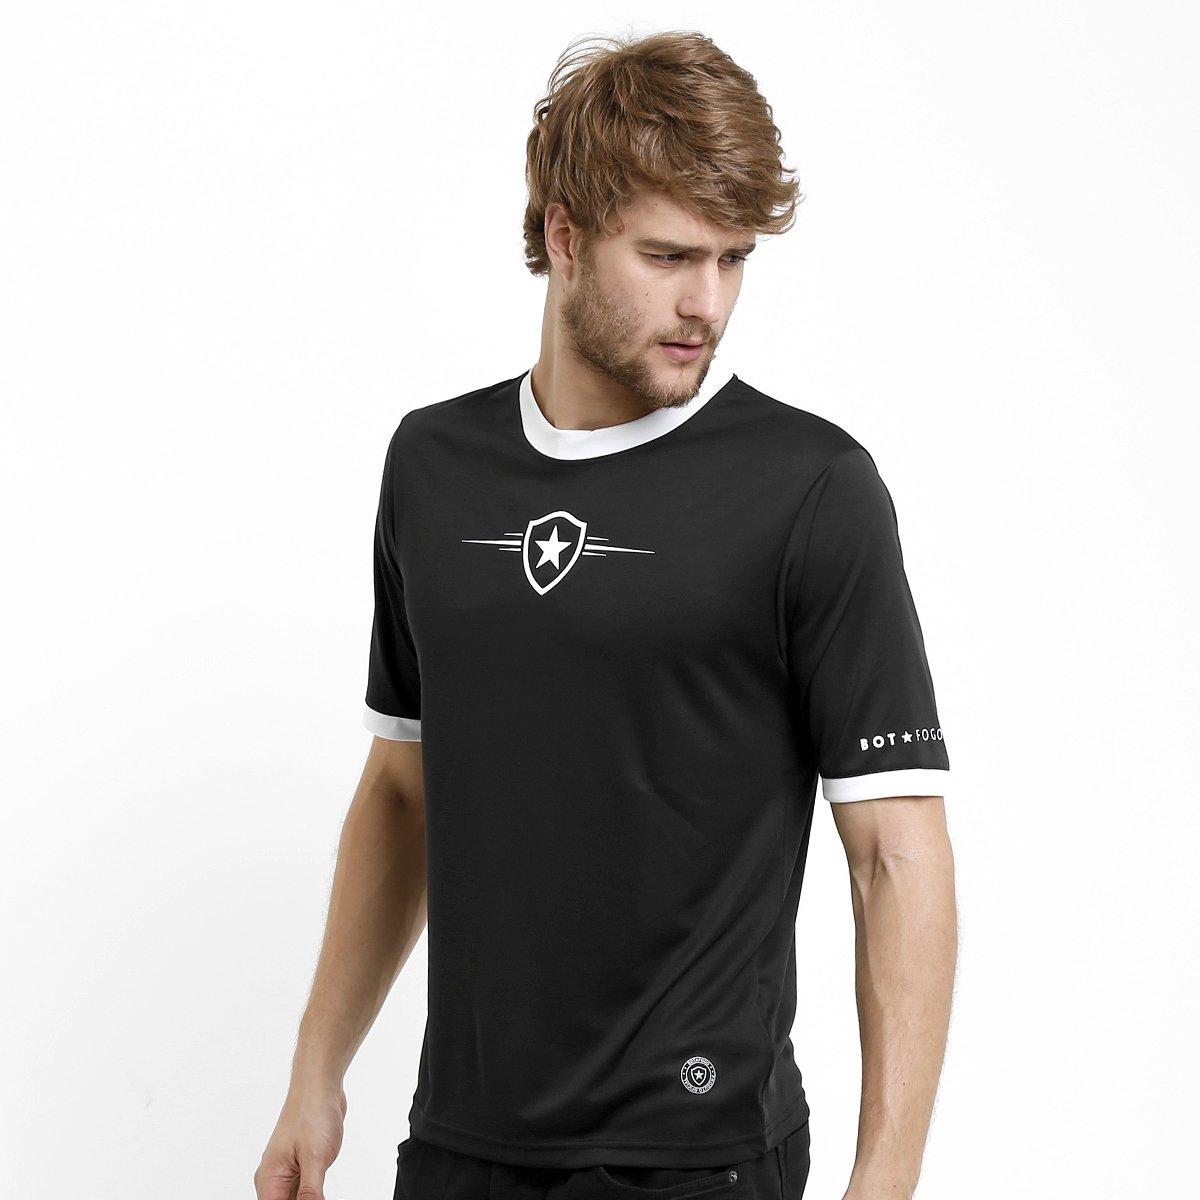 c29341689eb76 Camiseta Botafogo Glorioso Masculina - Compre Agora